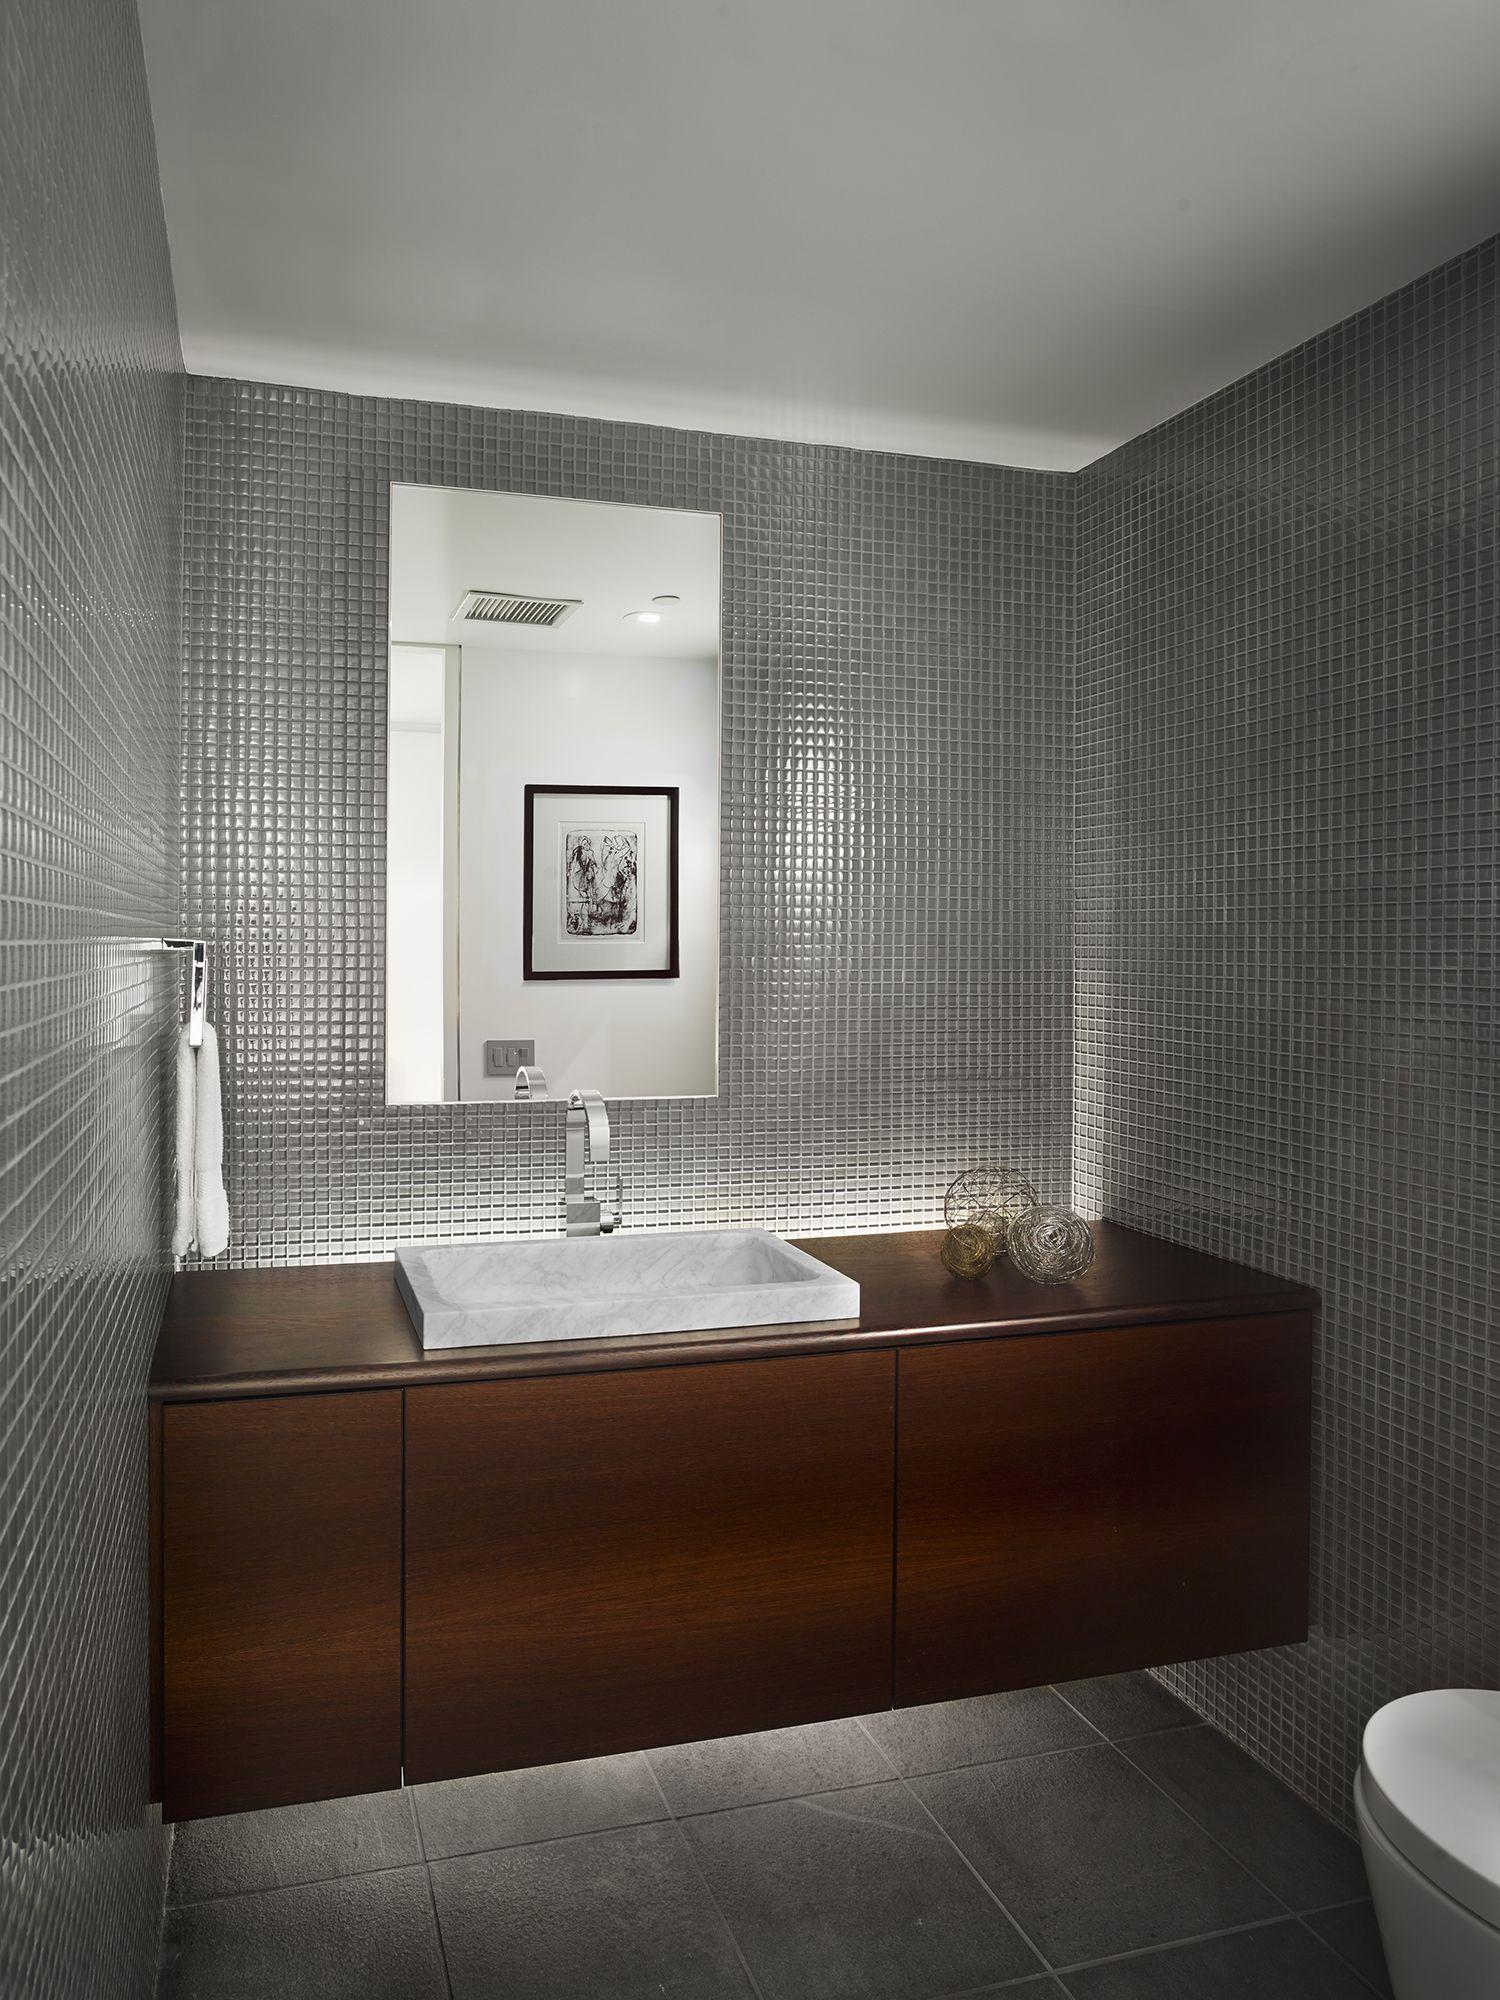 Chic Bathrooms With Floating Vanities Floating Vanity Ideas